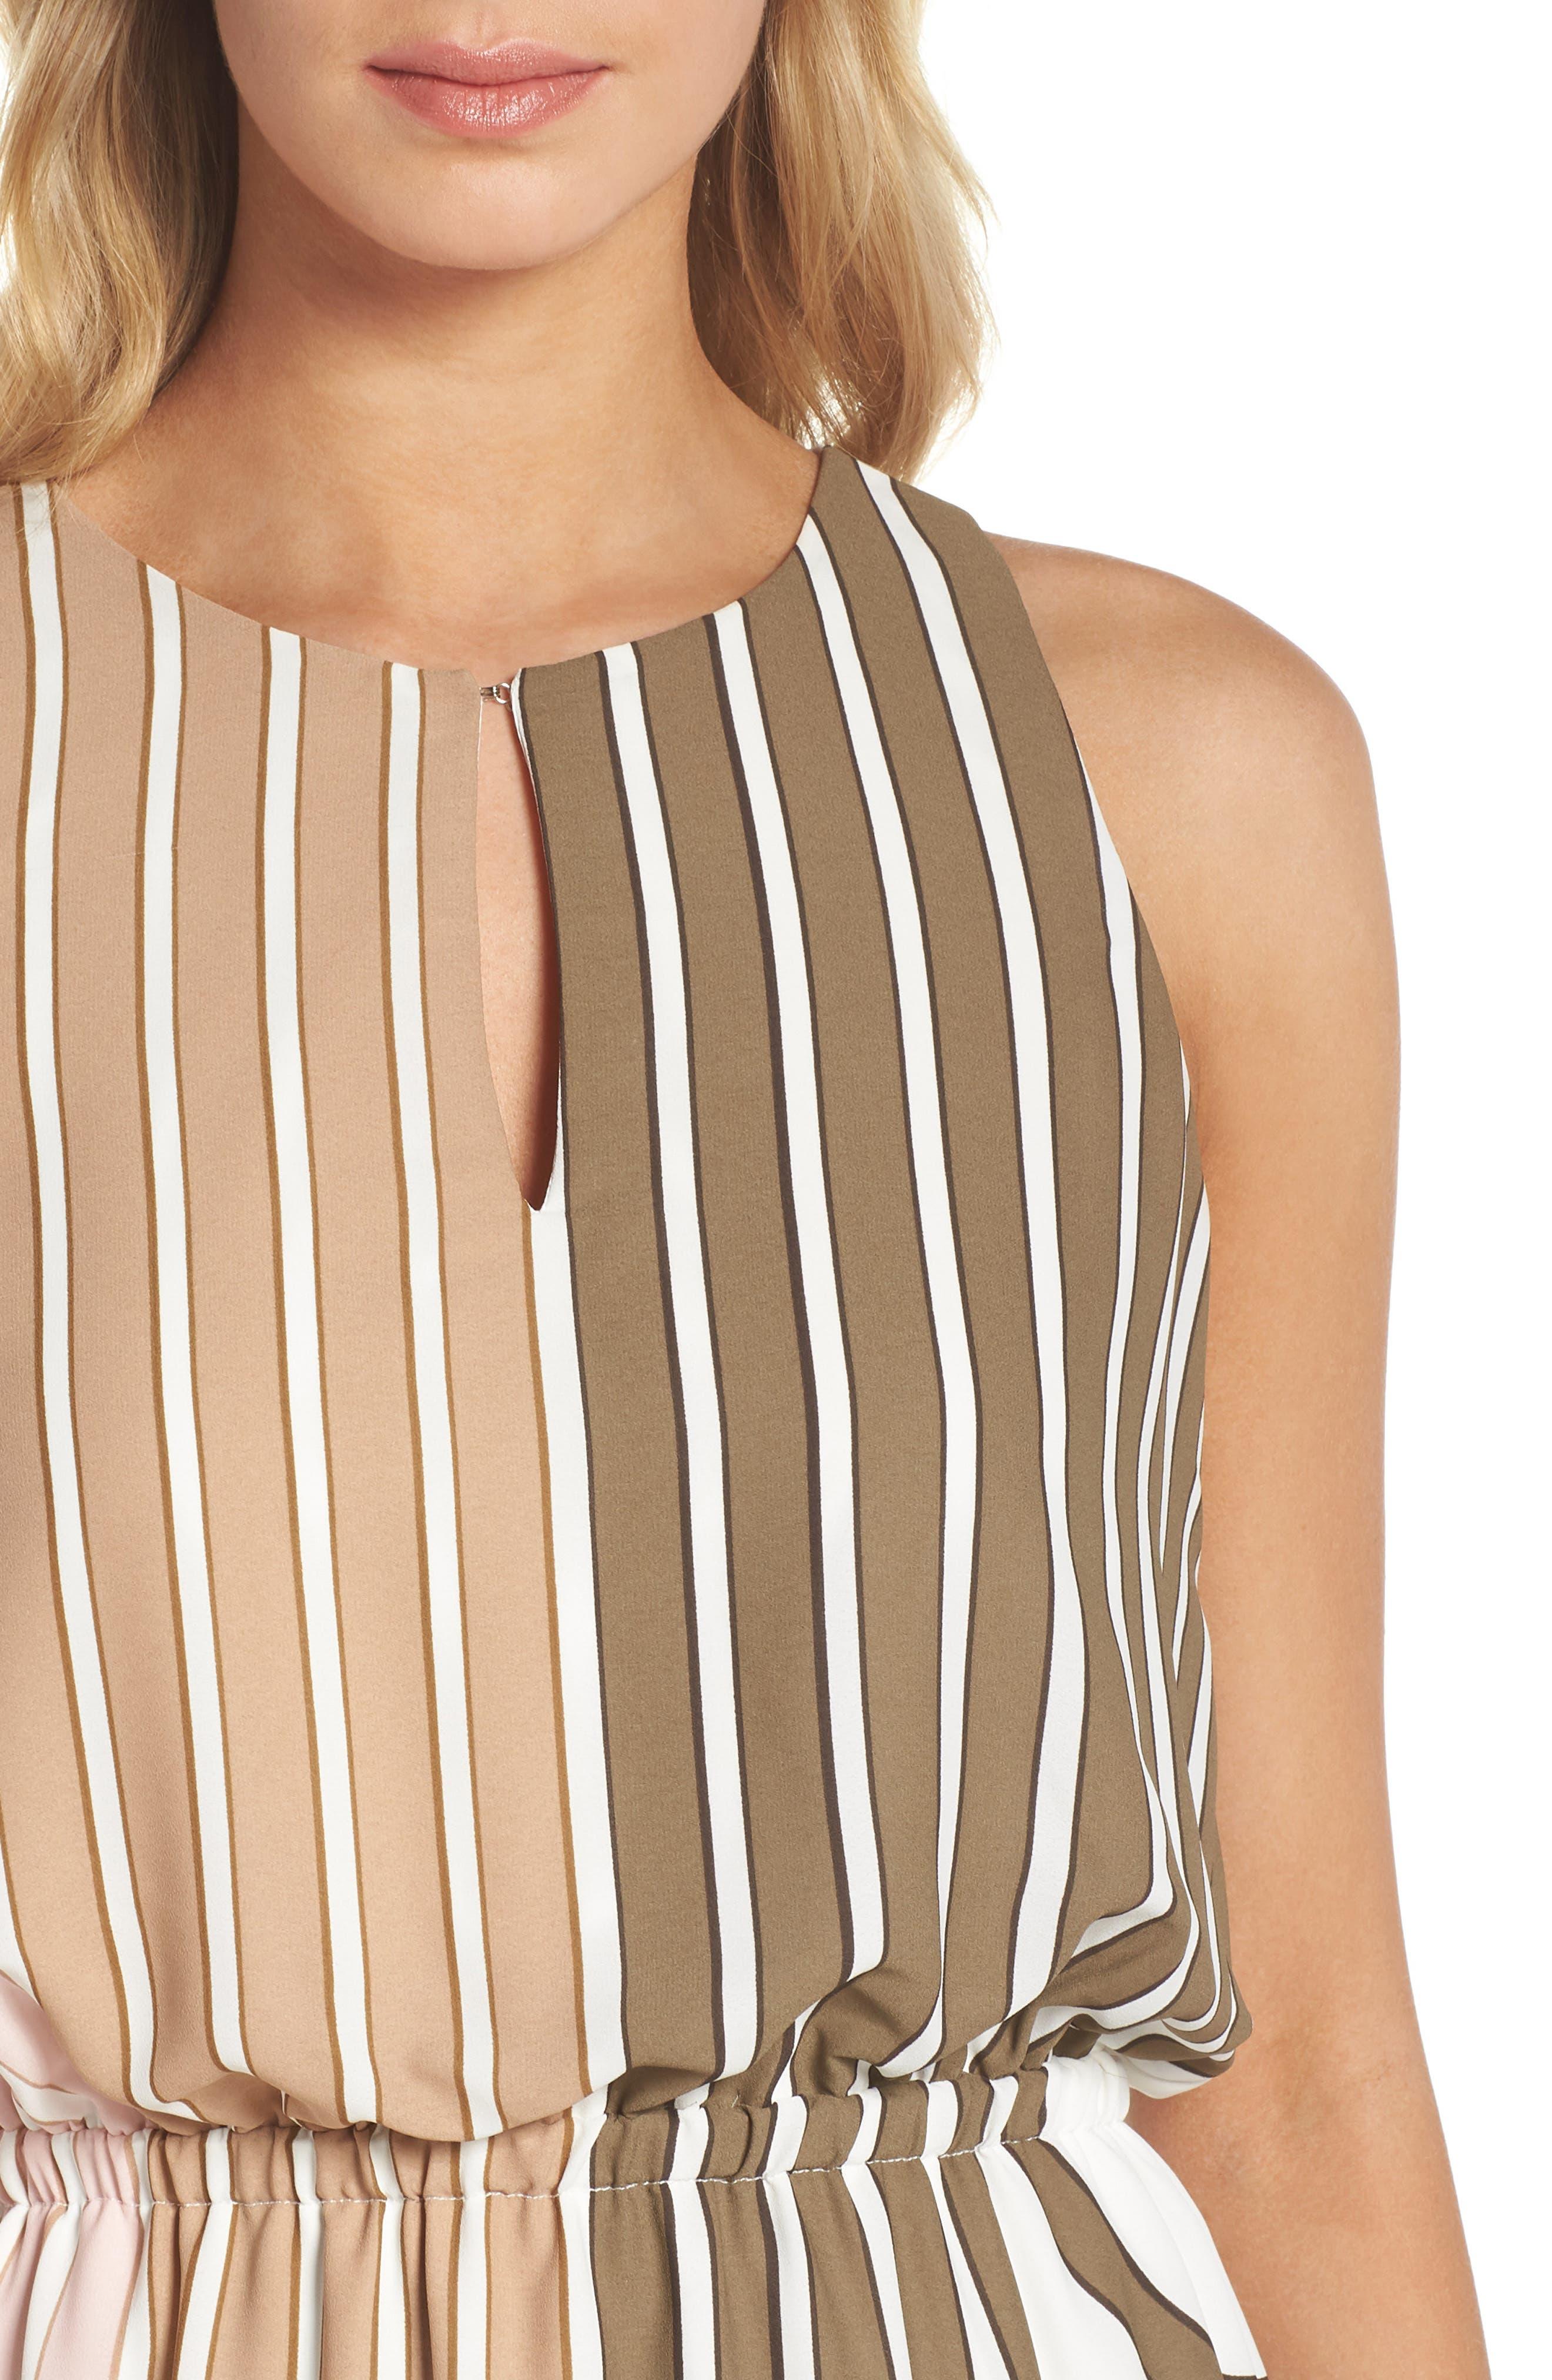 Blouson Midi Dress,                             Alternate thumbnail 4, color,                             Olive Multi